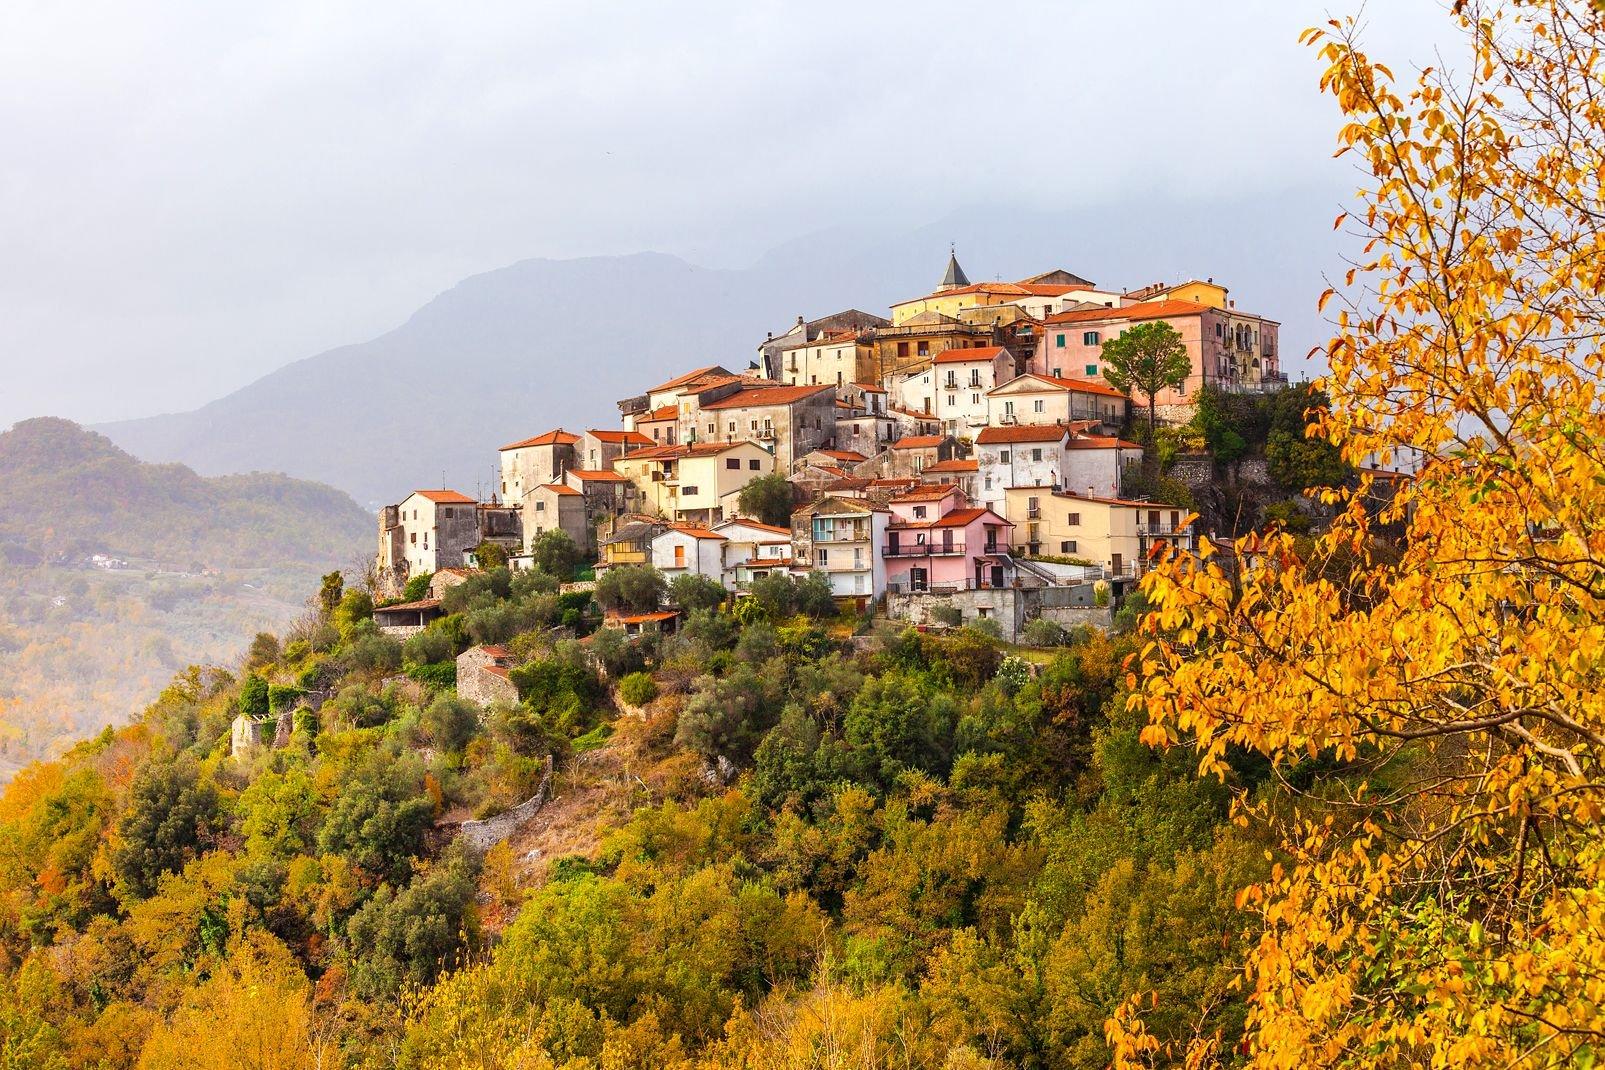 Molise, Italy